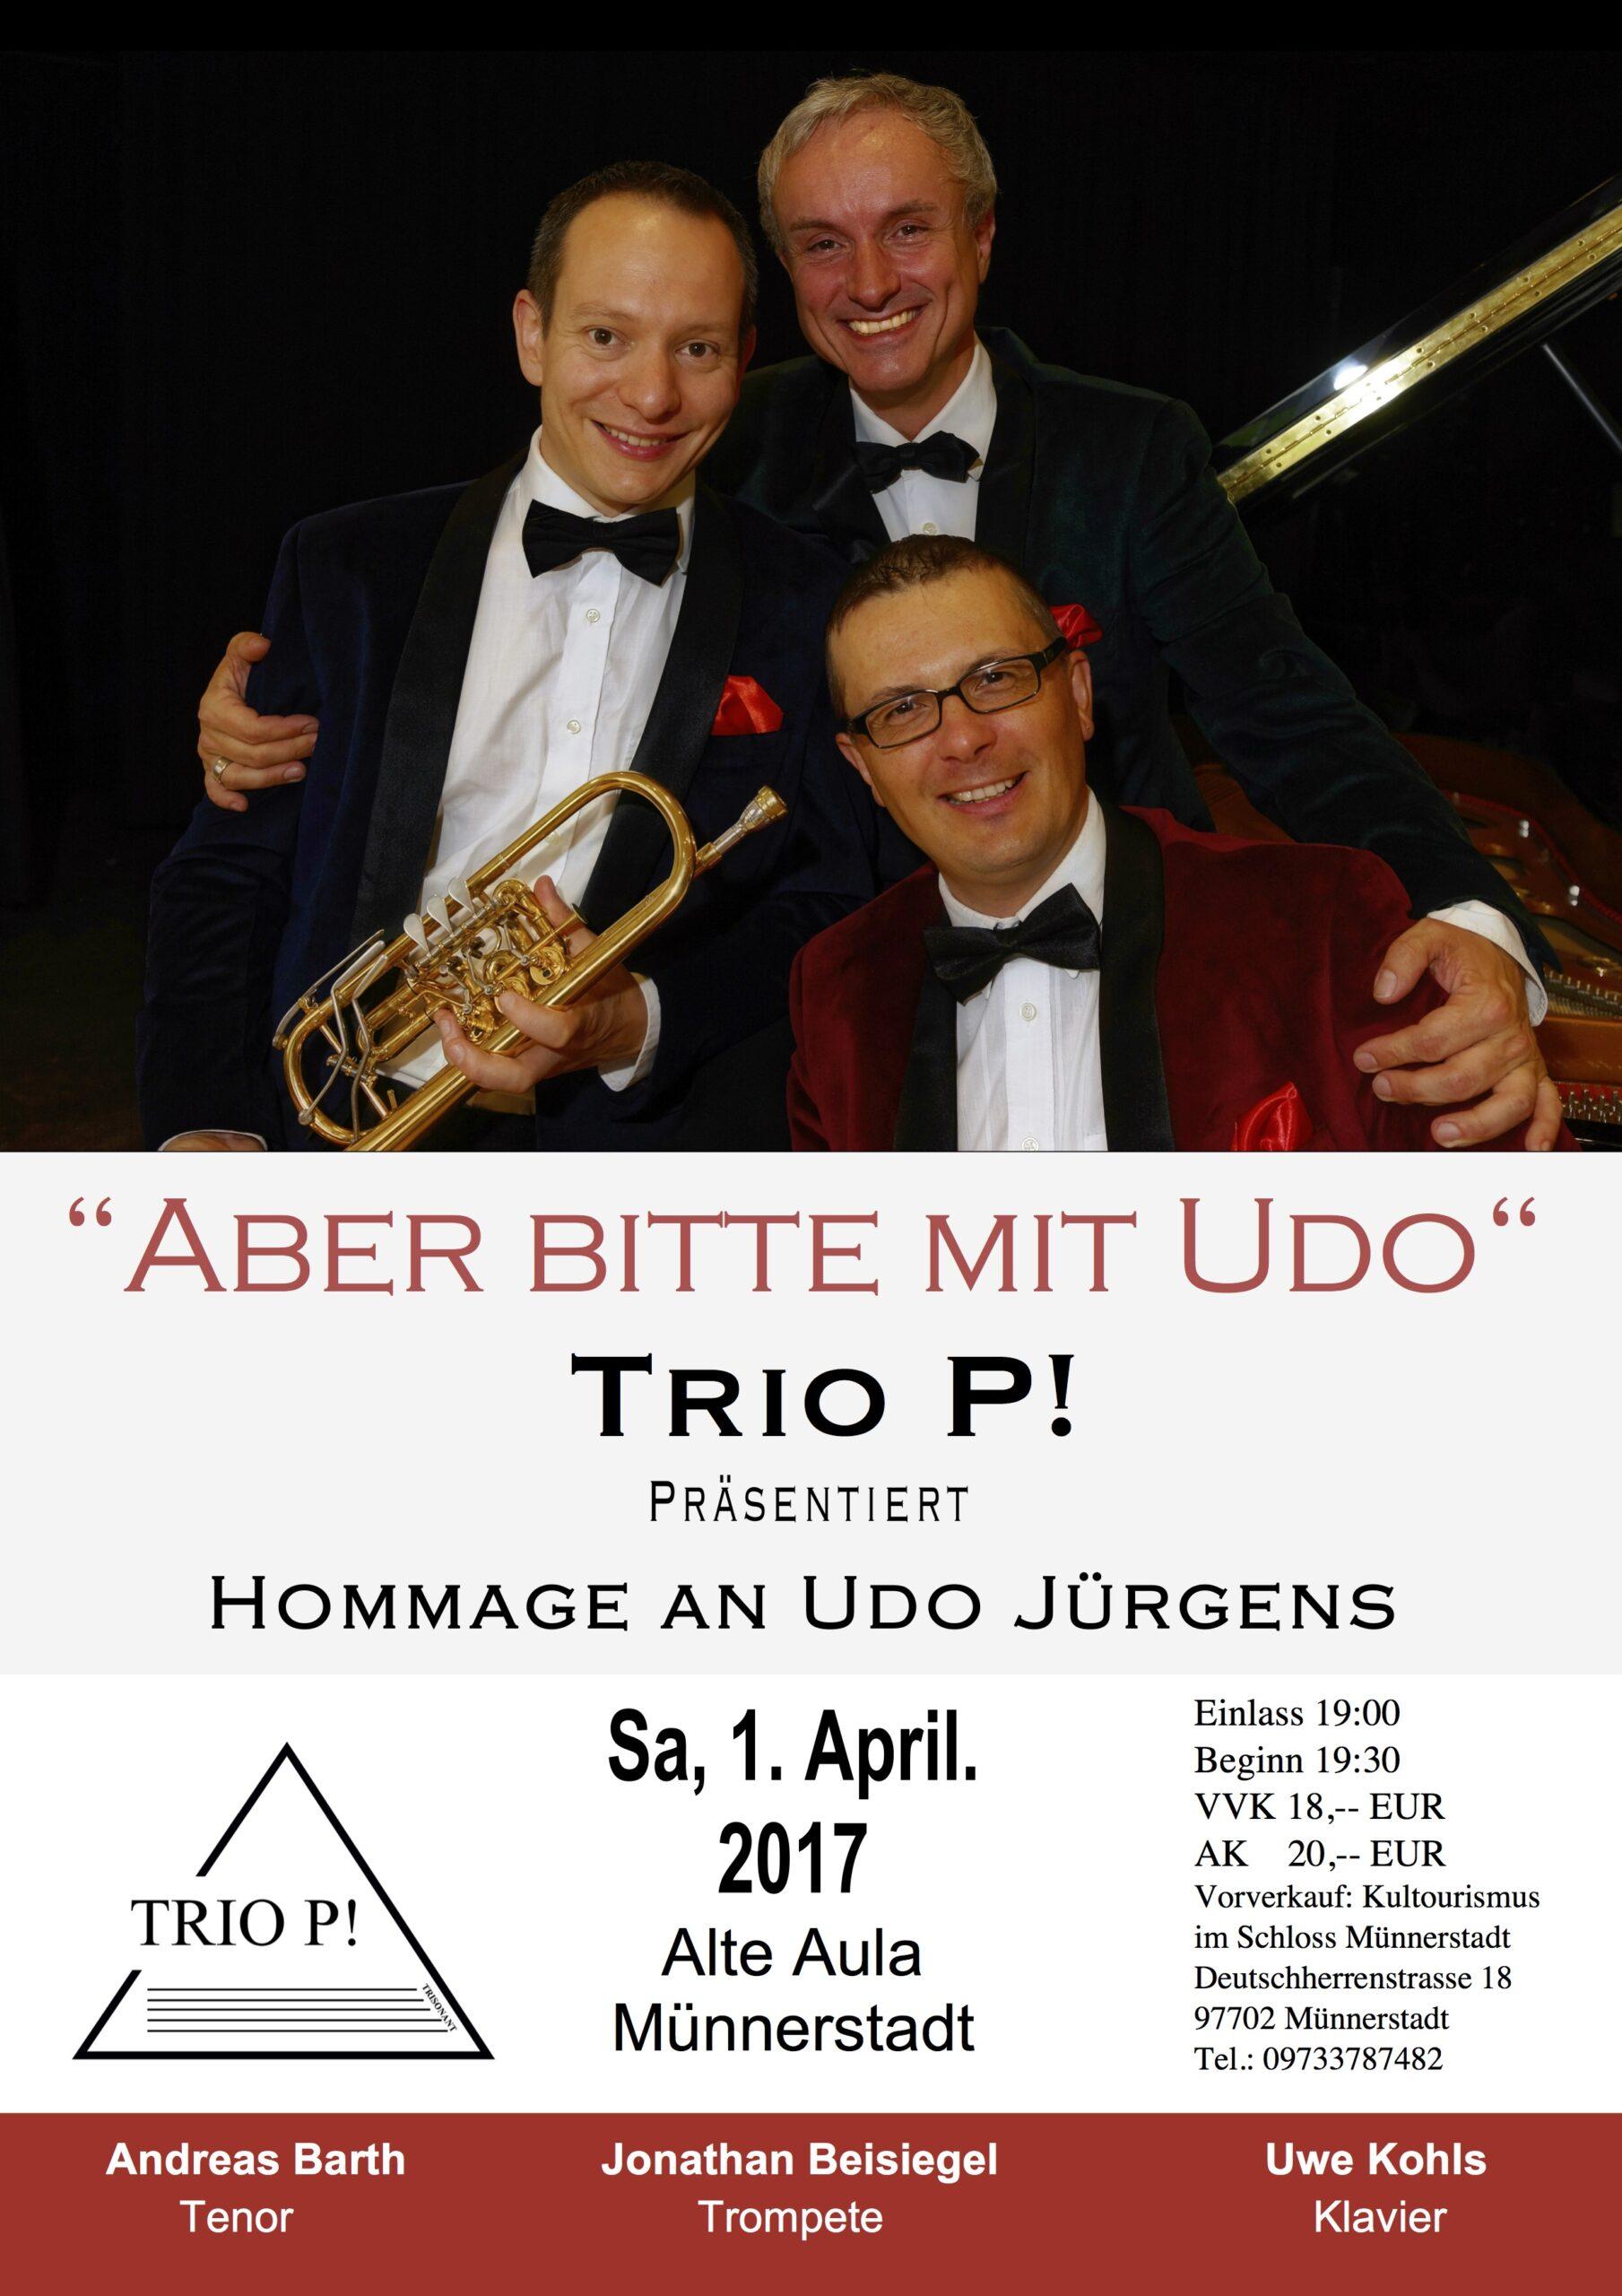 Konzert Münnerdstadt